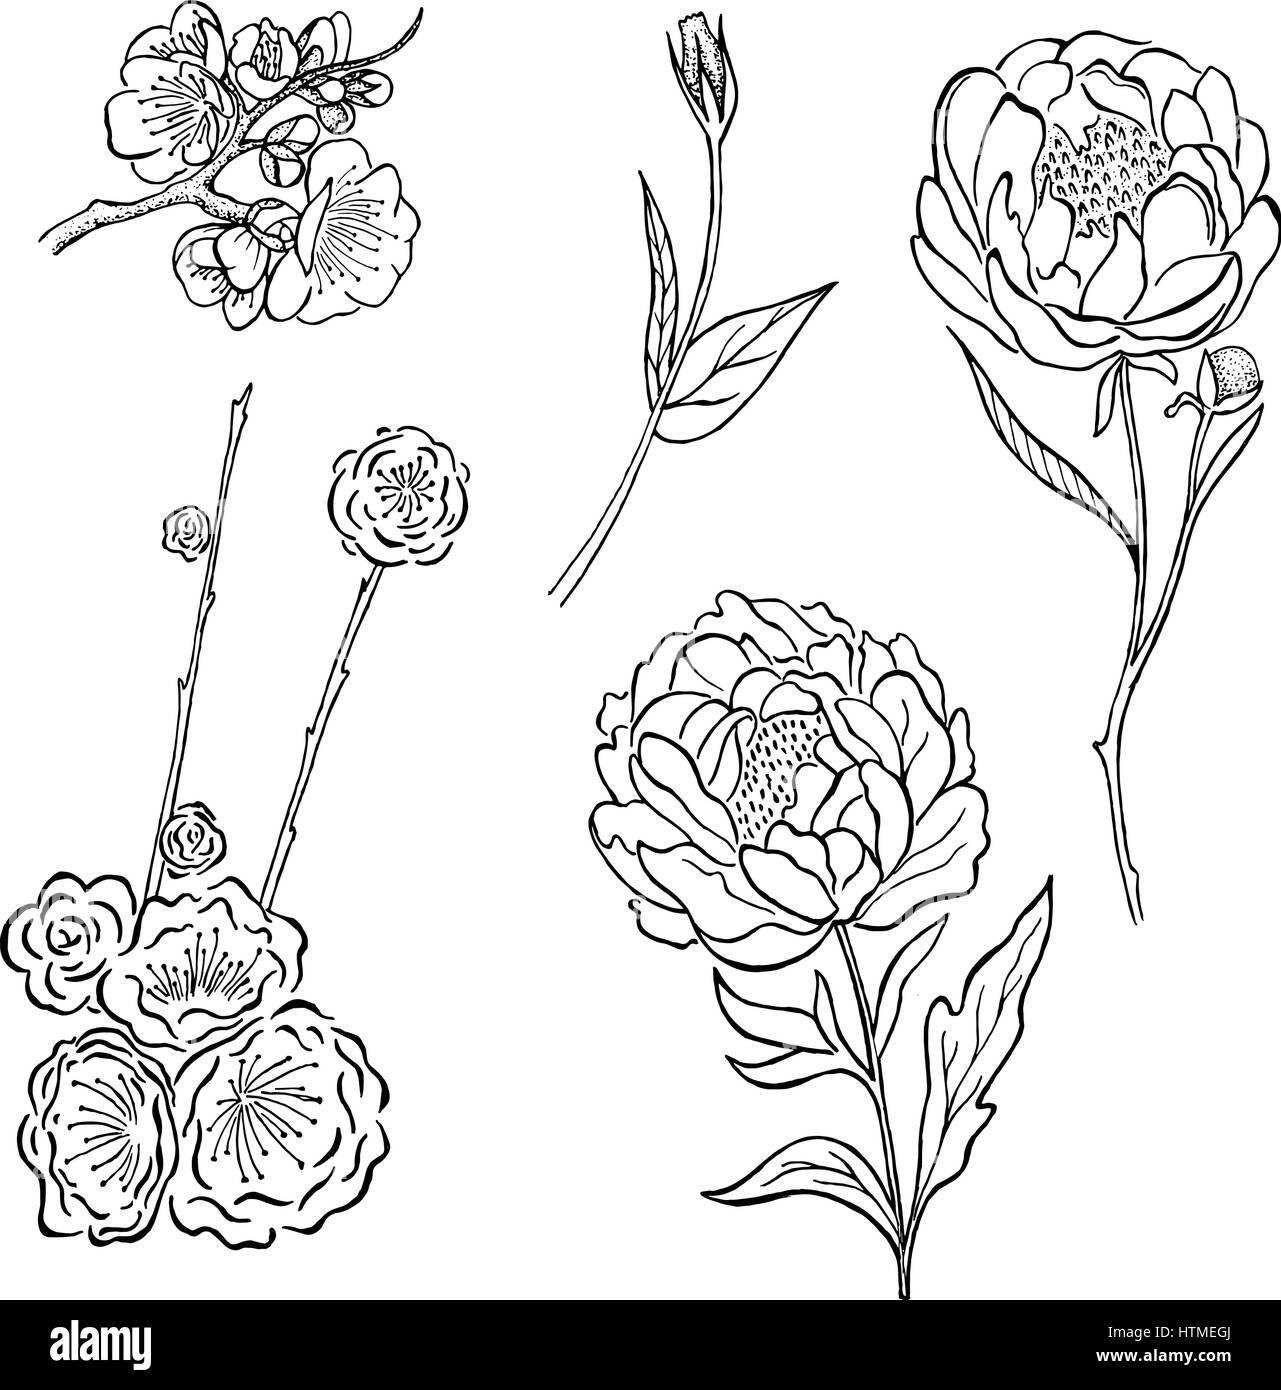 Colección de vectores dibujados a mano rosa peonía y flores y ...